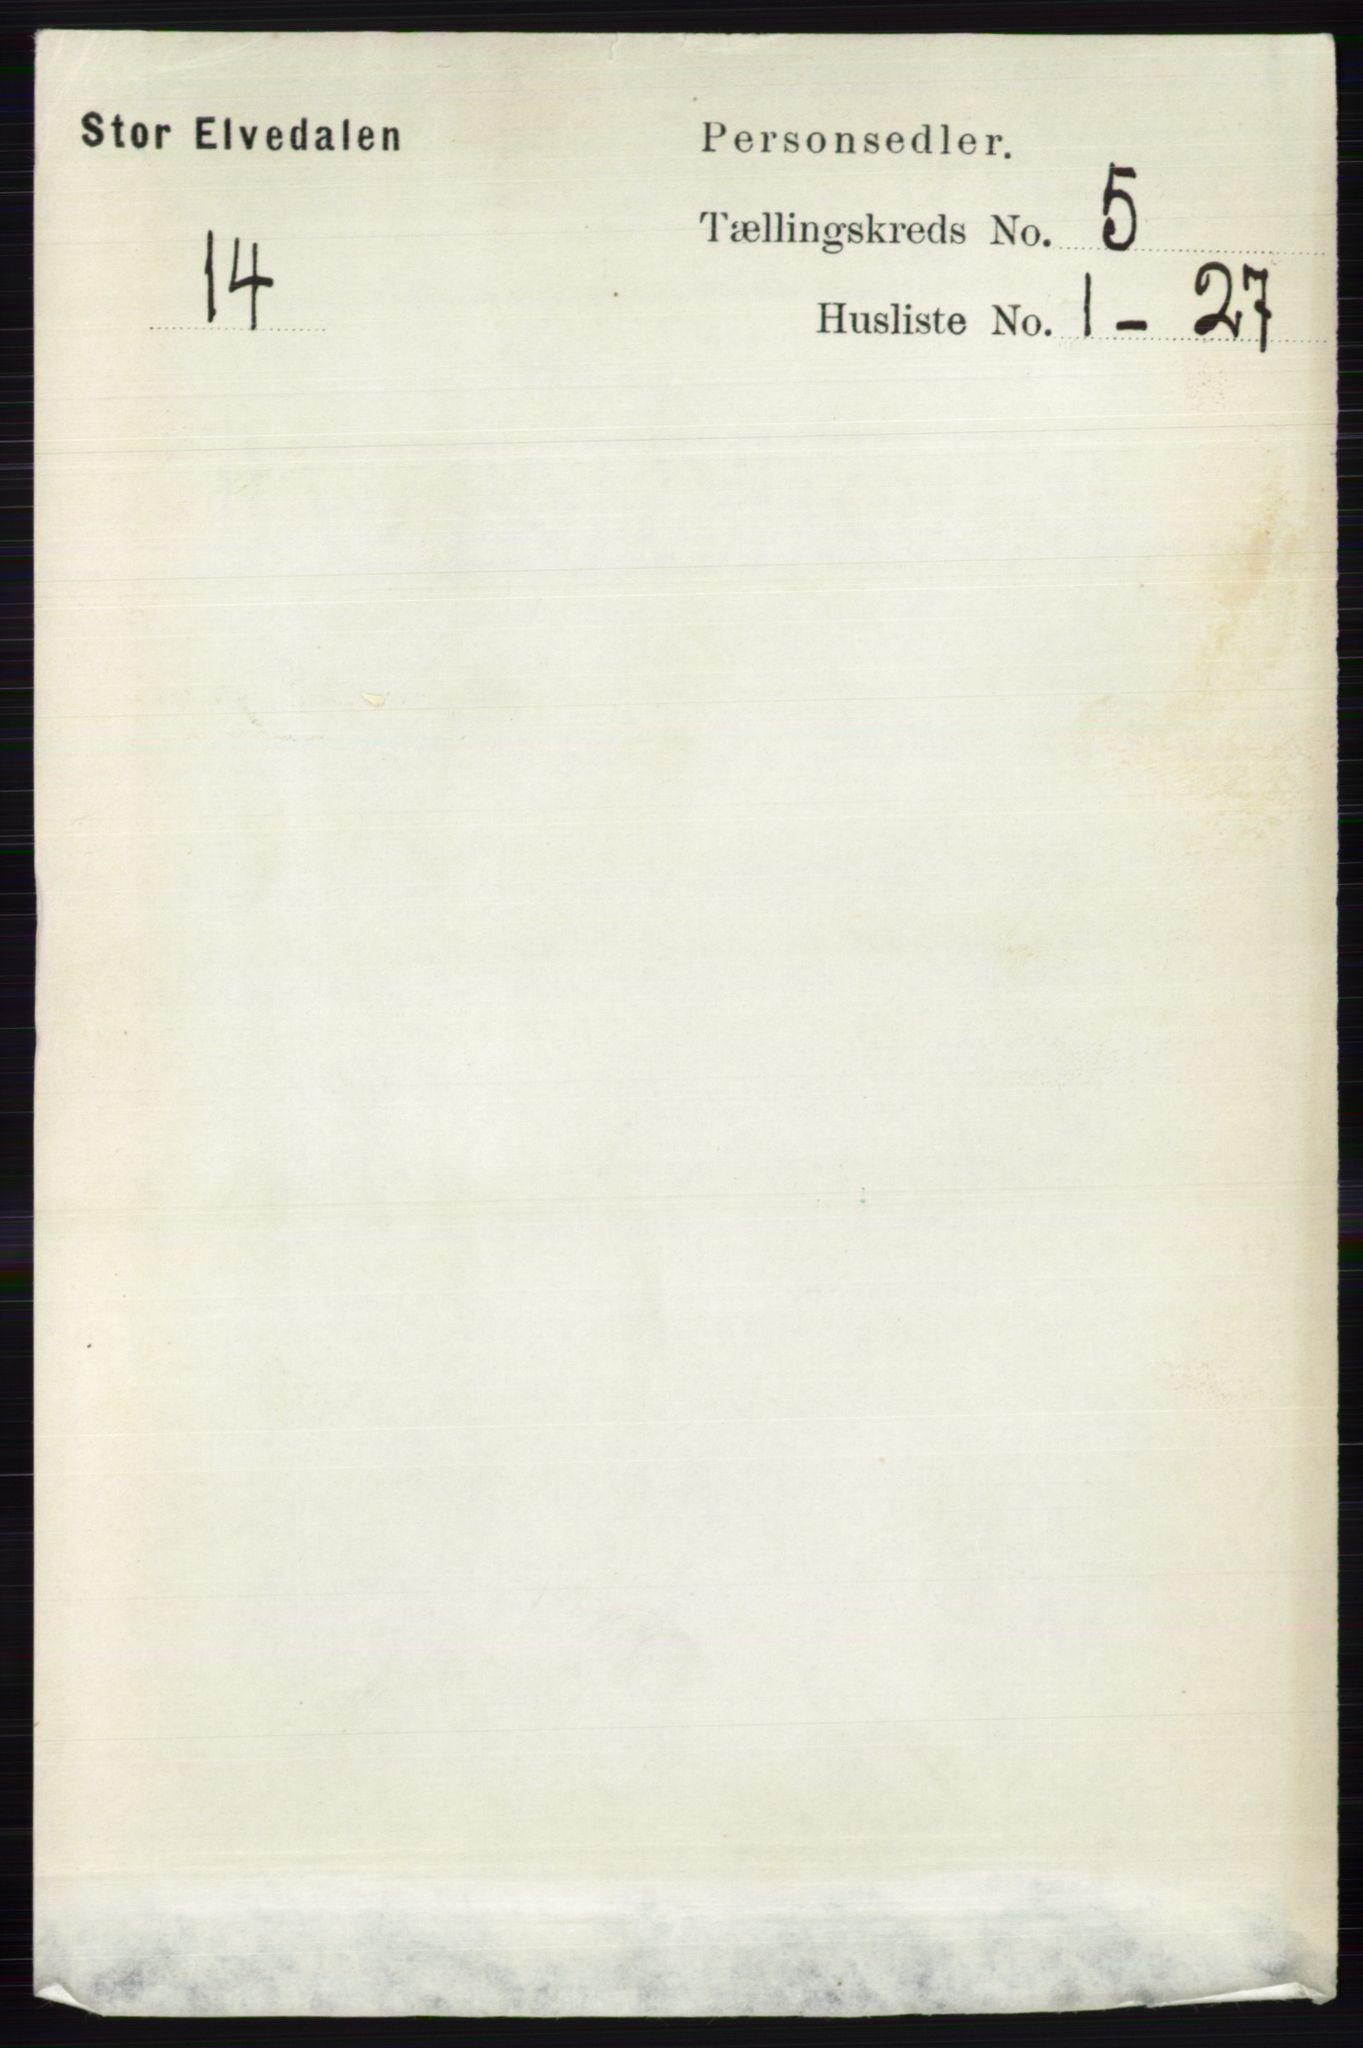 RA, Folketelling 1891 for 0430 Stor-Elvdal herred, 1891, s. 1713